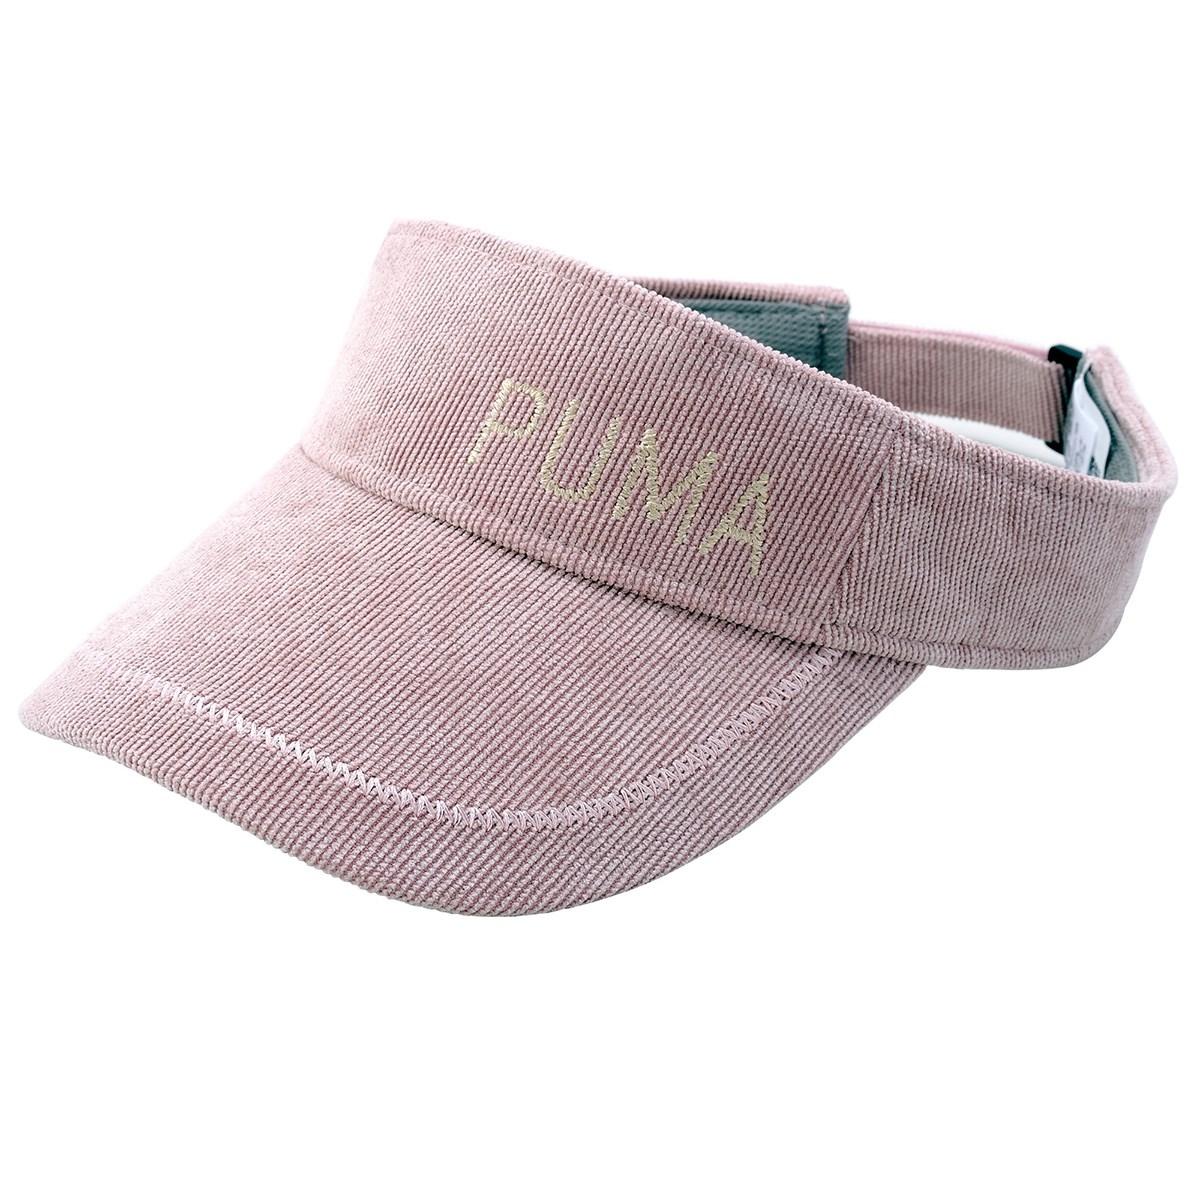 プーマ PUMA シーズナル サンバイザー フリー ピーチスキン 03 レディス